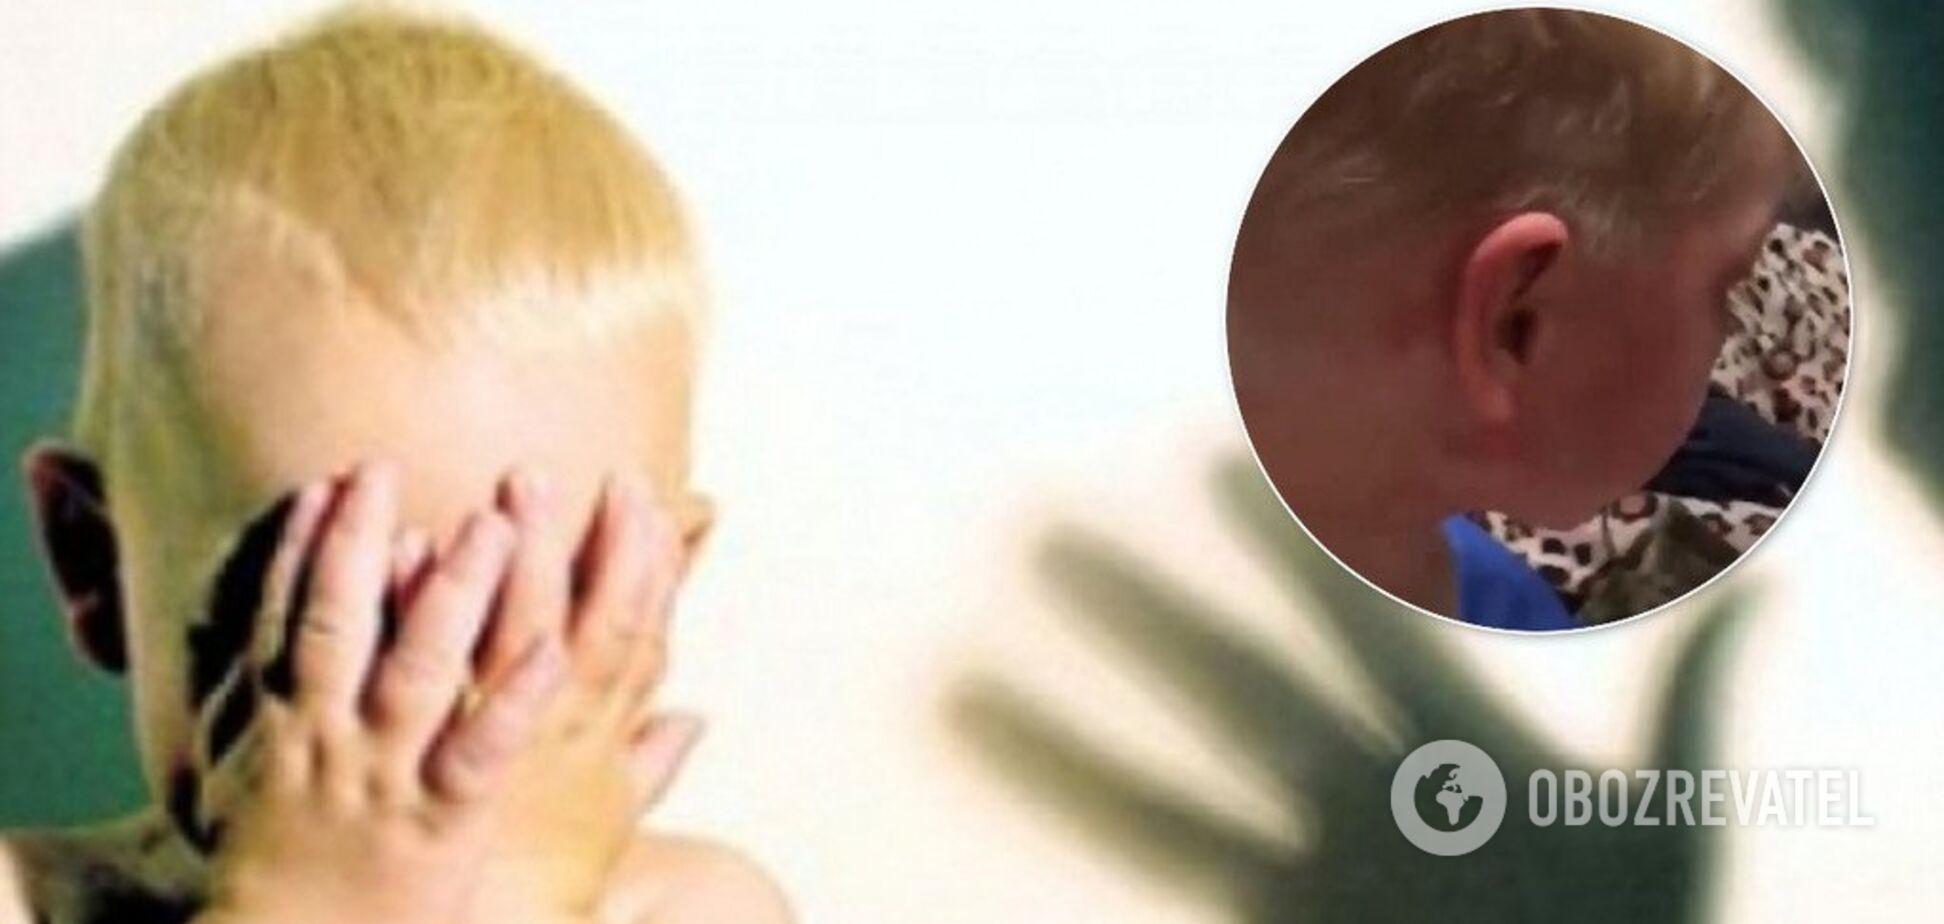 В Омске (Россия) мать и отчим жестоко истязались над ребенком